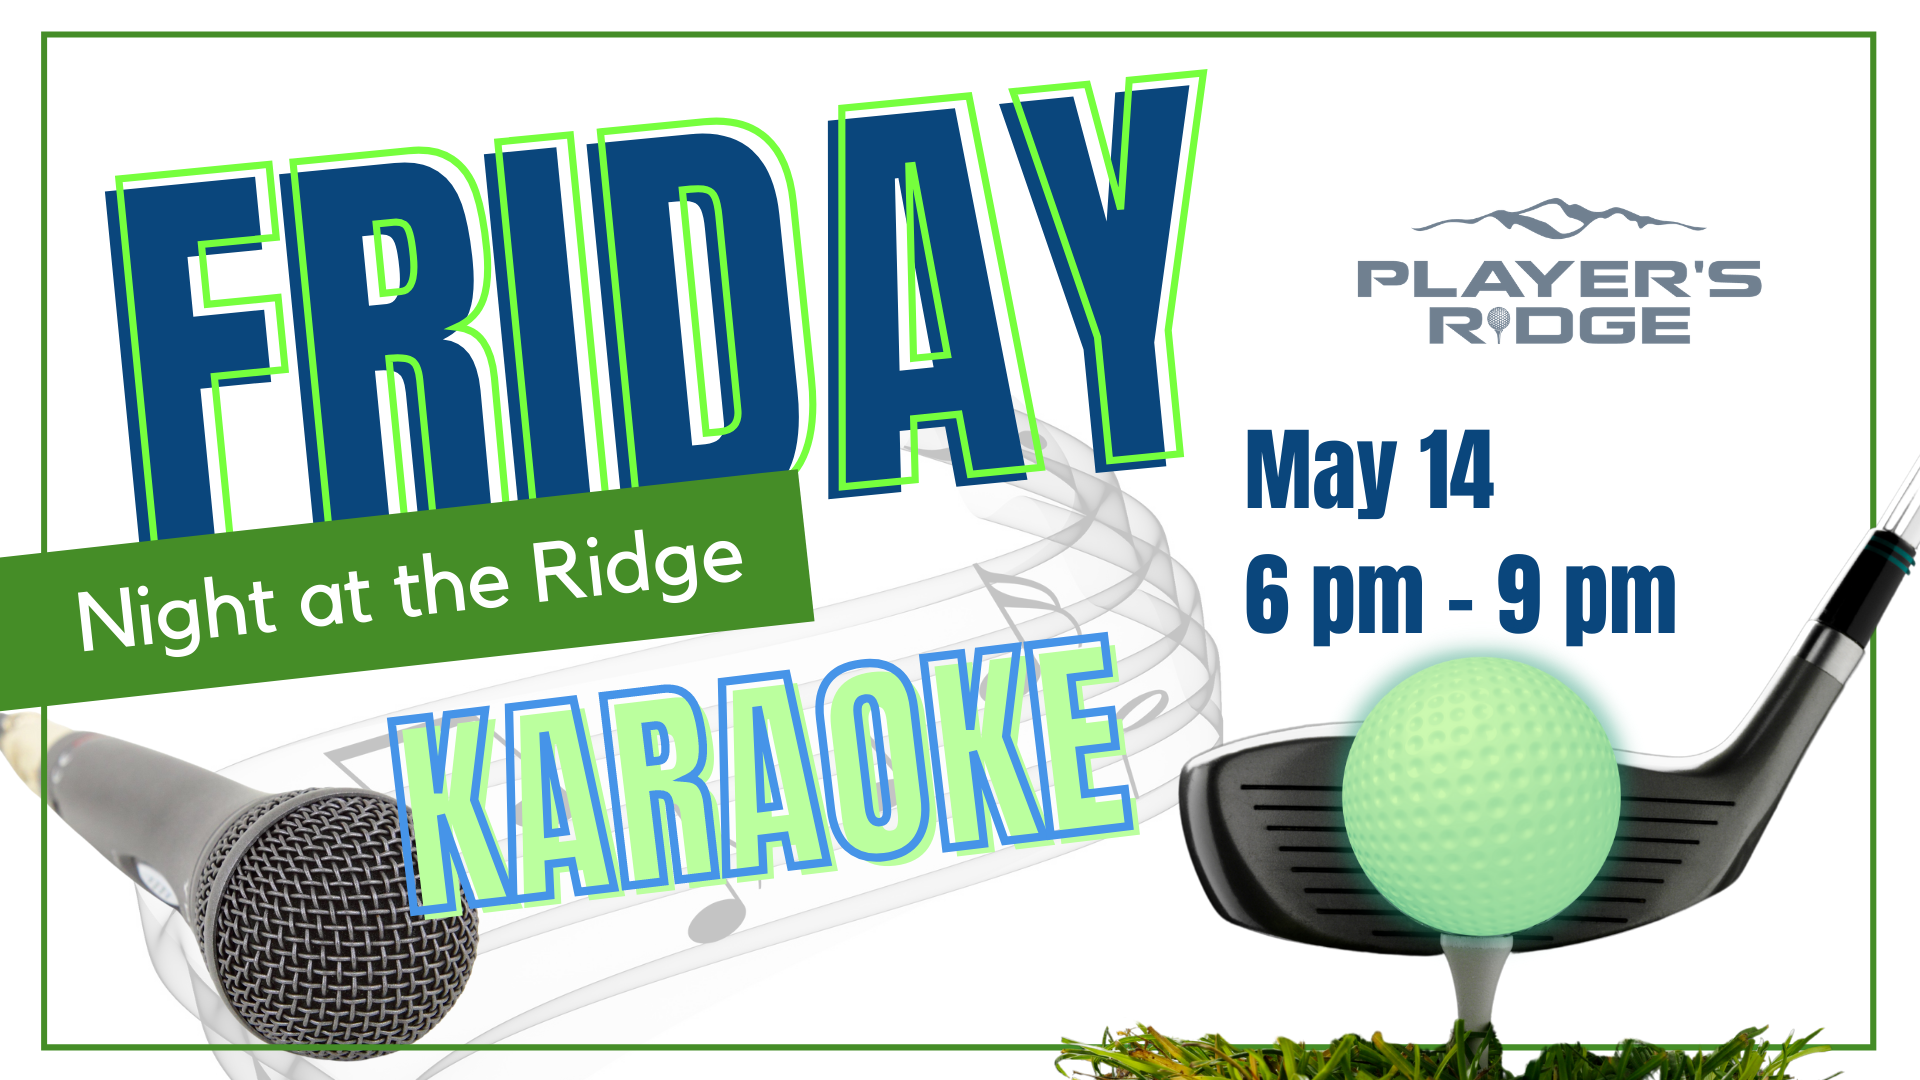 Friday Night at the Ridge on May 14th!